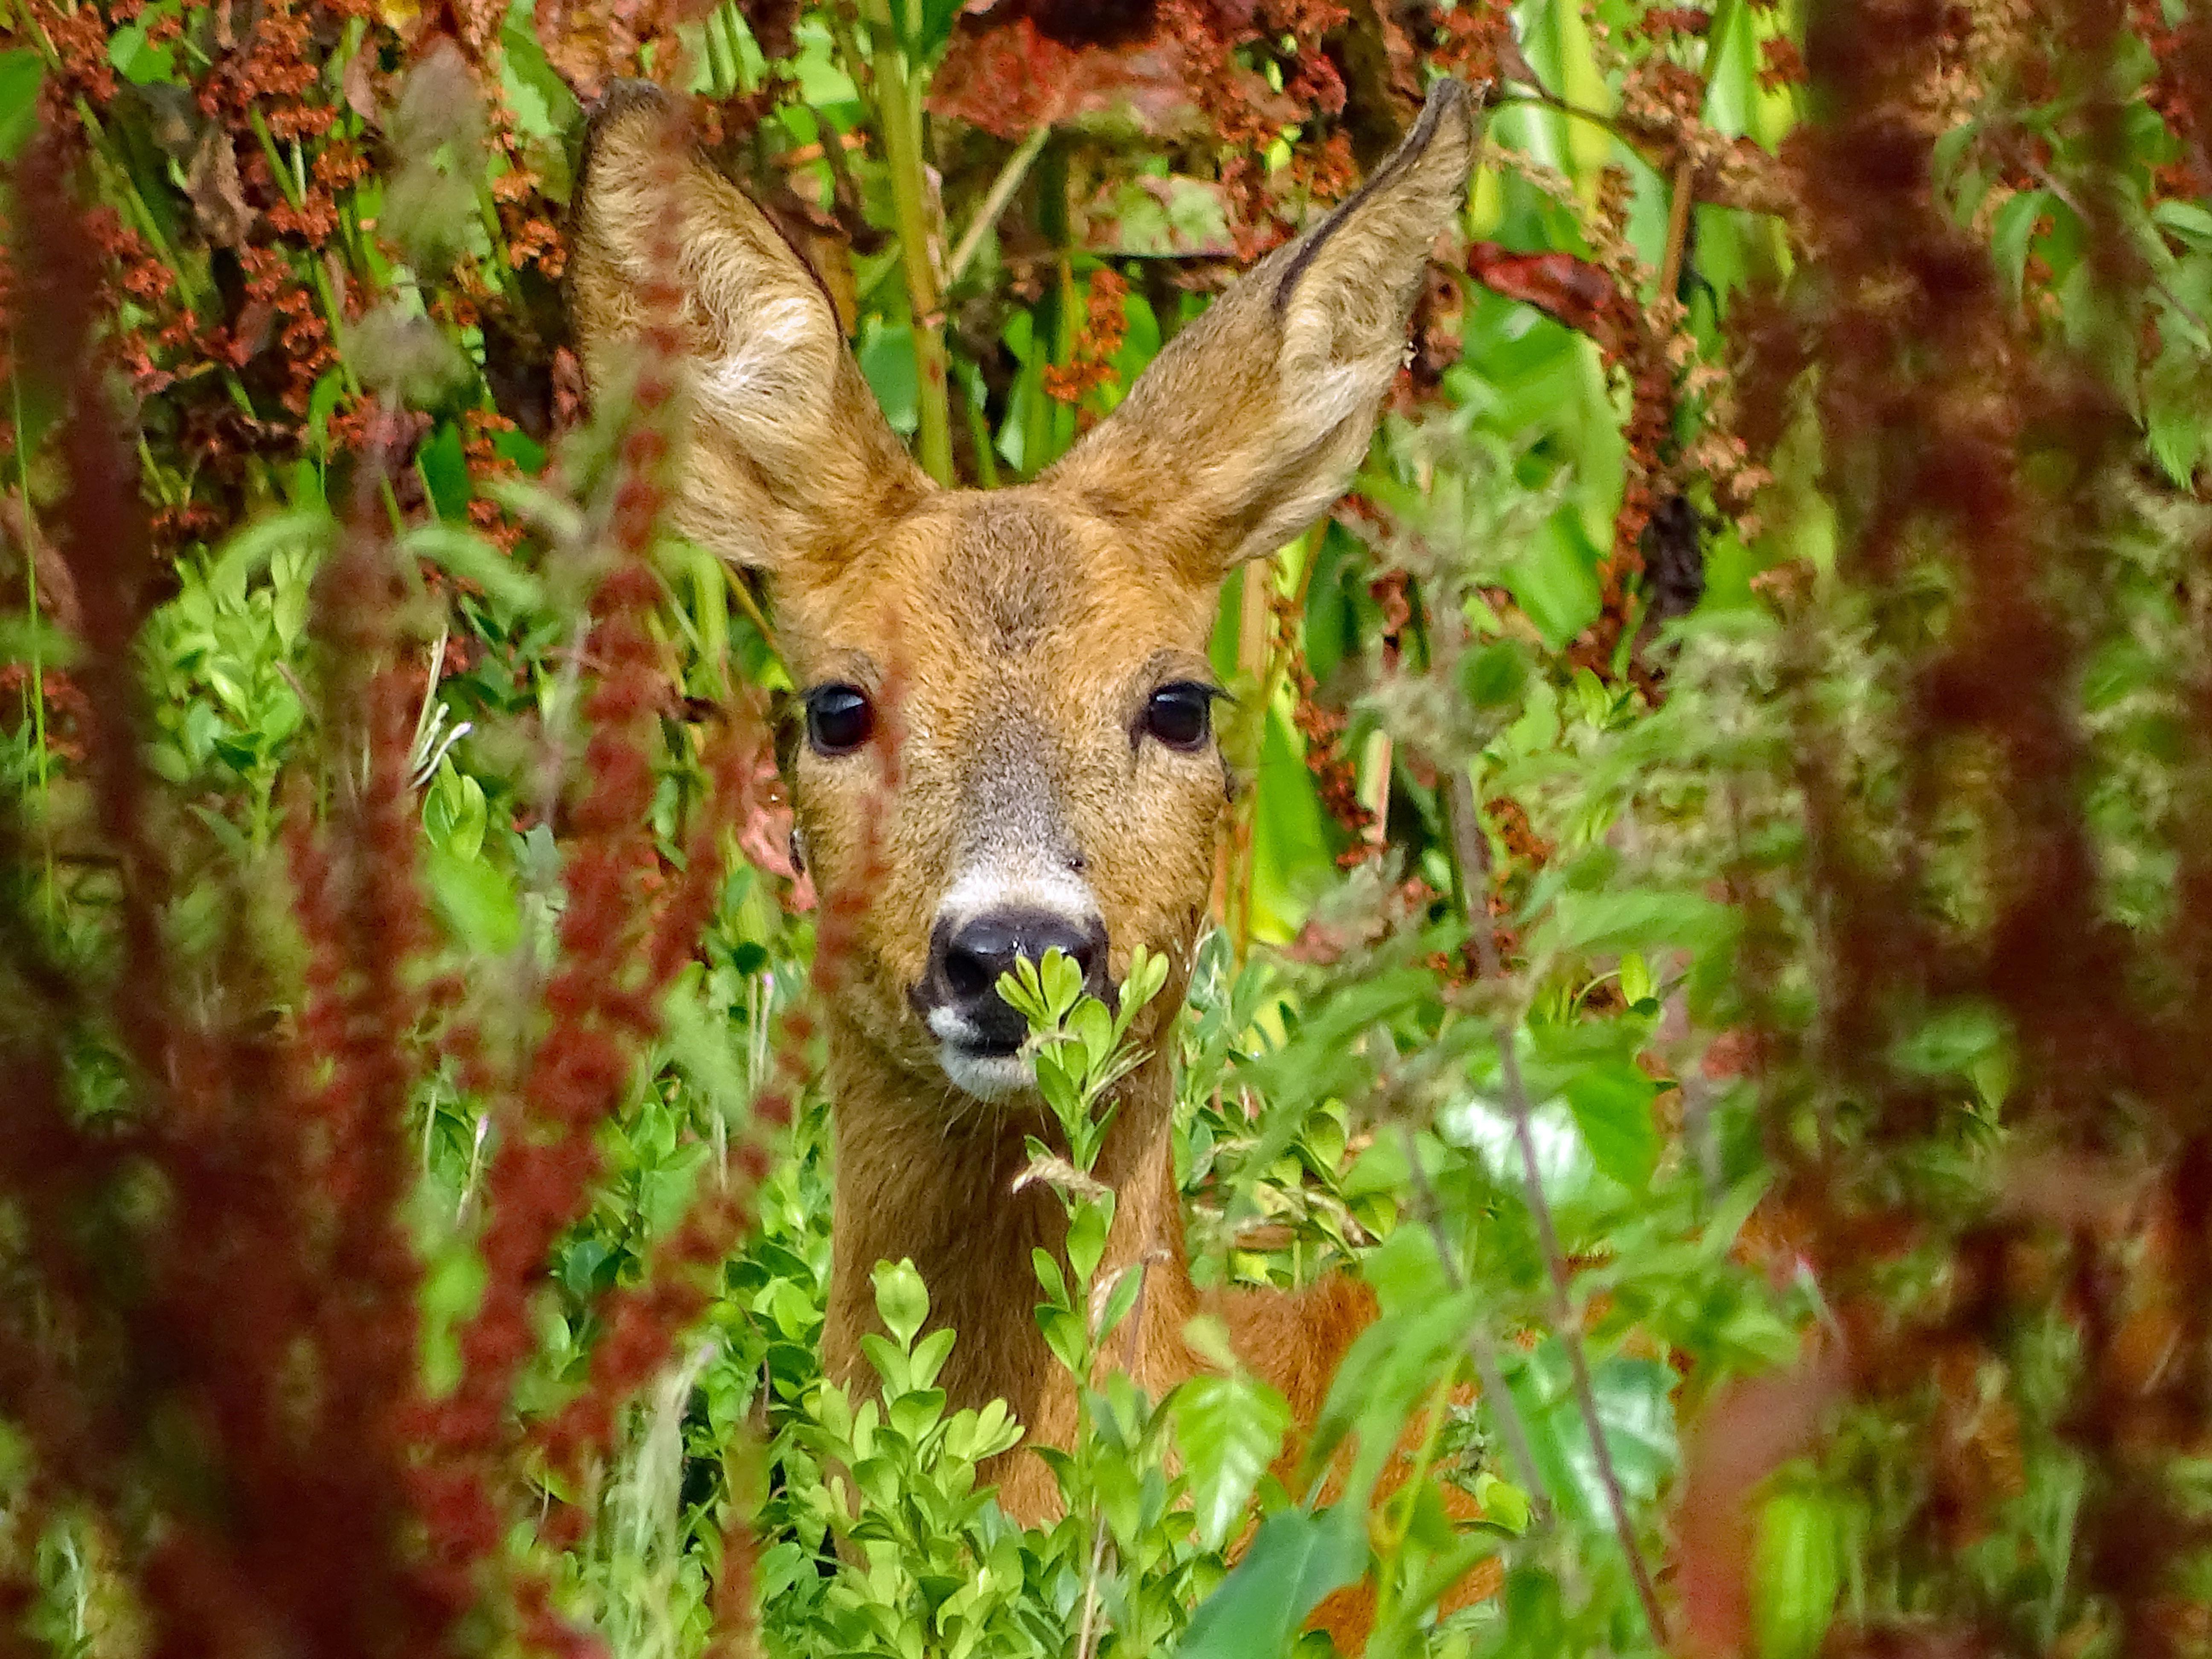 Avondwandeling 'reeën kijken in het Corversbos': kan dat wel na de grote coronadrukte in natuurgebieden? Natuurmonumenten zegt ja